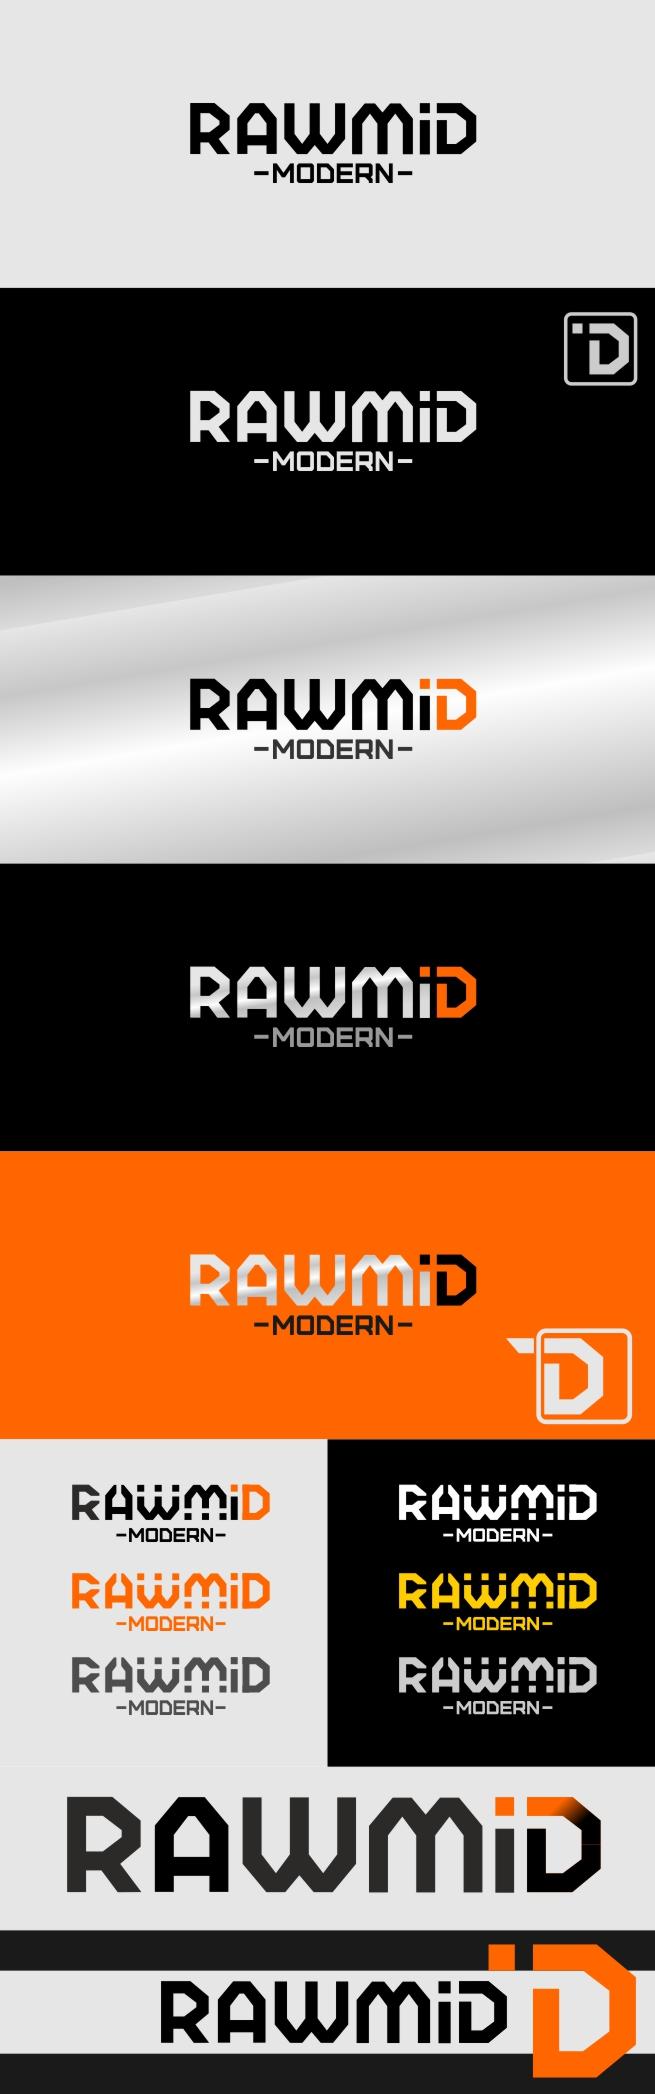 Создать логотип (буквенная часть) для бренда бытовой техники фото f_4075b337e5fcc599.jpg